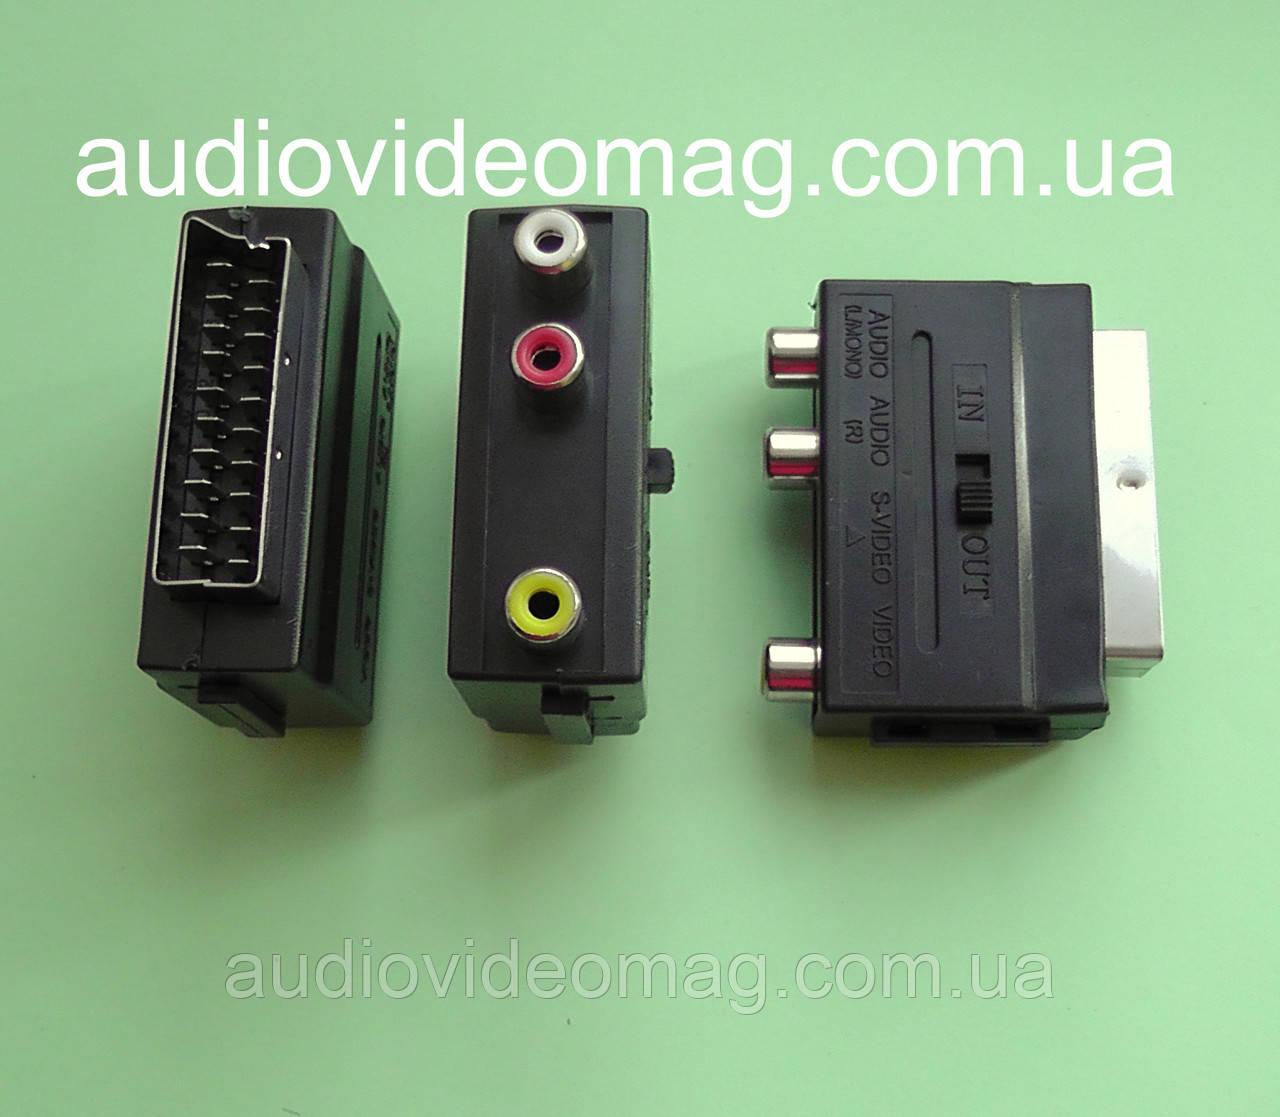 Переходник адаптер Скарт (Scart) - З гнезда RCA (тюльпан) с переключателем направлений сигнала